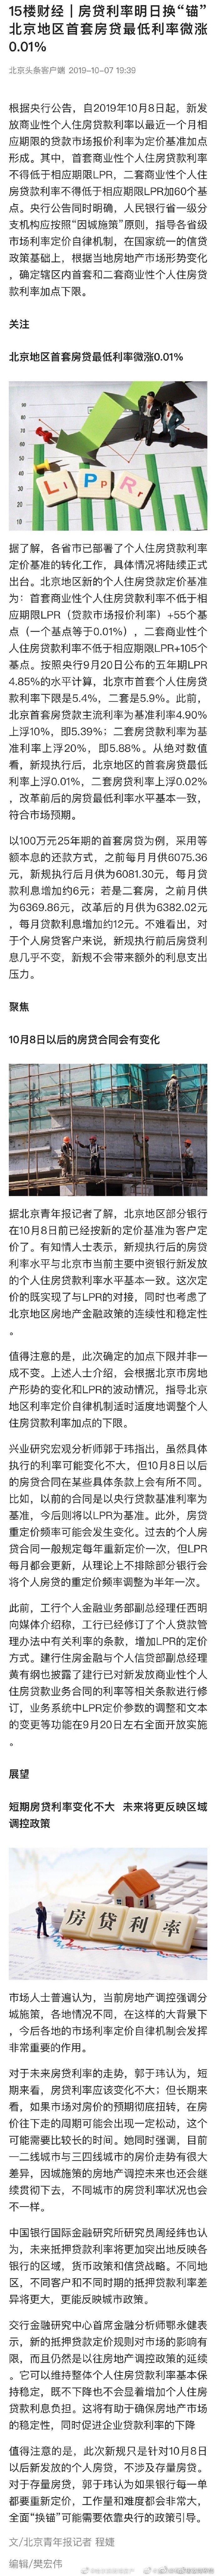 北京首套房贷最低利率上浮0.01% 百万25年期房贷月利率约增6元